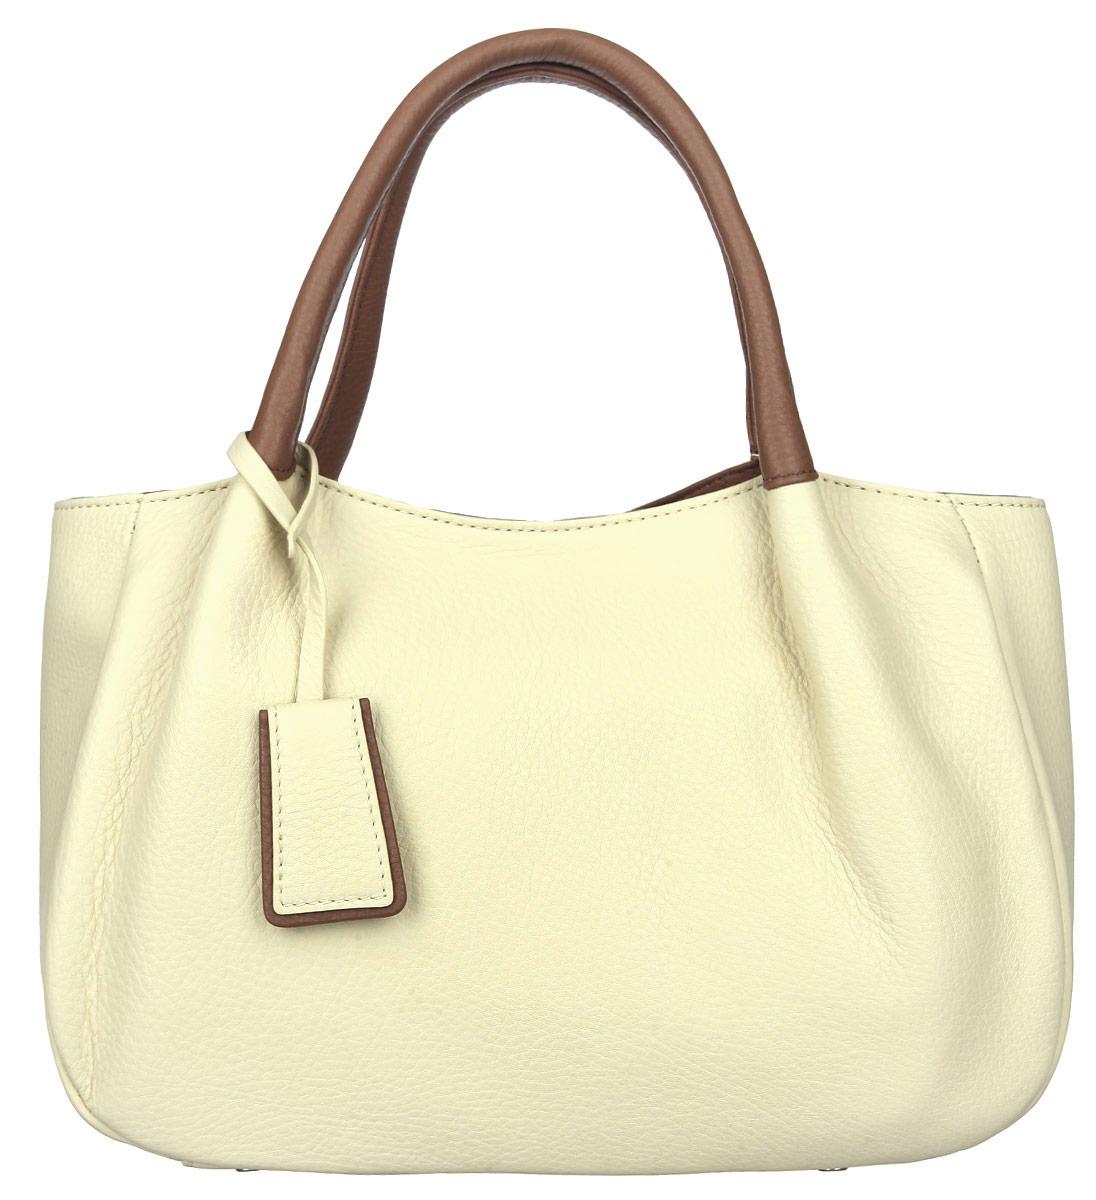 Сумка женская Palio, цвет: коричневый, светло-желтый. 13684AS3-W1-152/77473298с-1Стильная женская сумка Palio выполнена из натуральной кожи с зернистой фактурой, оформлена металлической фурнитурой.Изделие содержит одно отделение, которое закрывается на молнию. Внутри расположены: два накладных кармашка для мелочей, карман-средник на молнии и врезной карман на молнии. На задней стороне сумки, расположен врезной карман на застежке-молнии. Сумка оснащена двумя практичными ручками для переноски и съемным плечевым ремнем регулируемой длины.Оригинальный аксессуар позволит вам завершить образ и быть неотразимой.